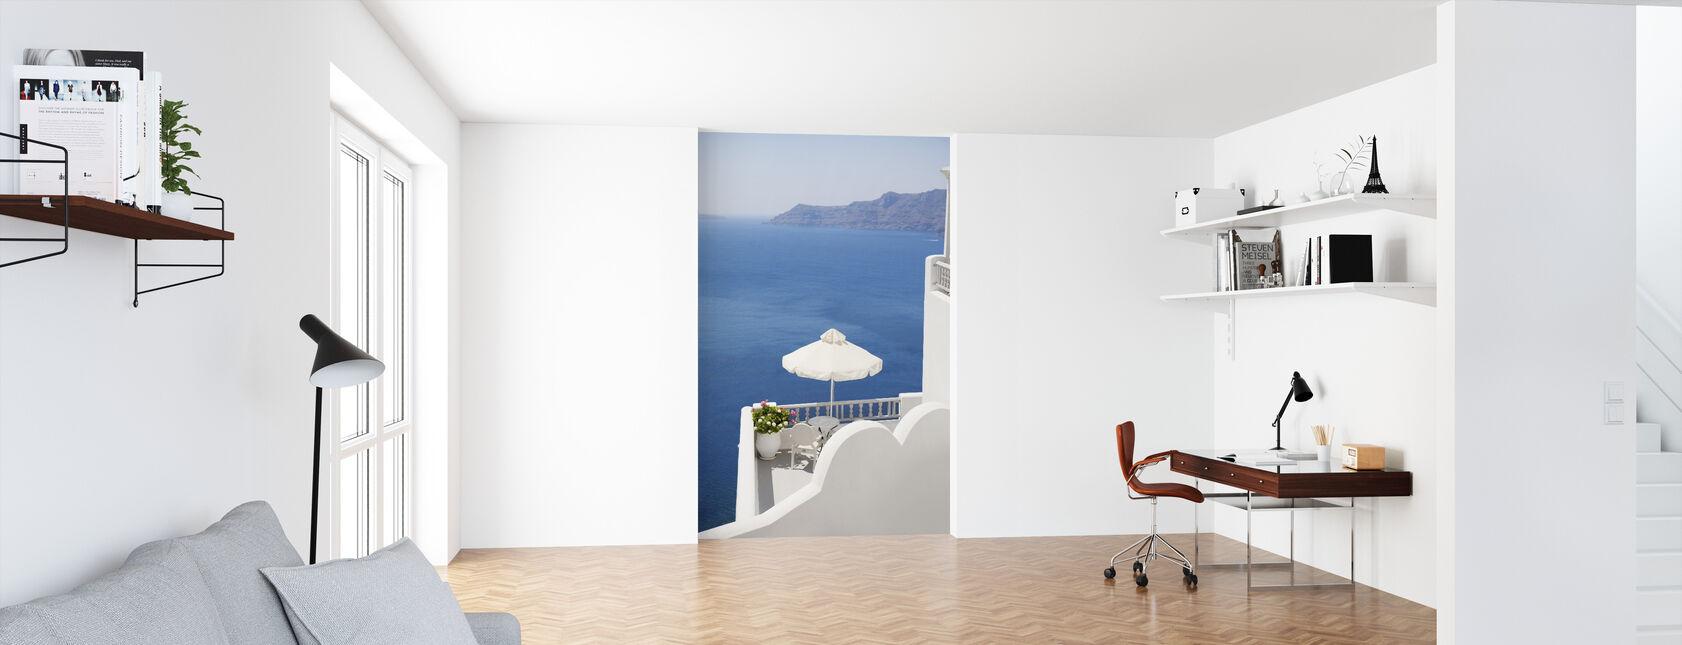 Santorini Sea - Tapetti - Toimisto